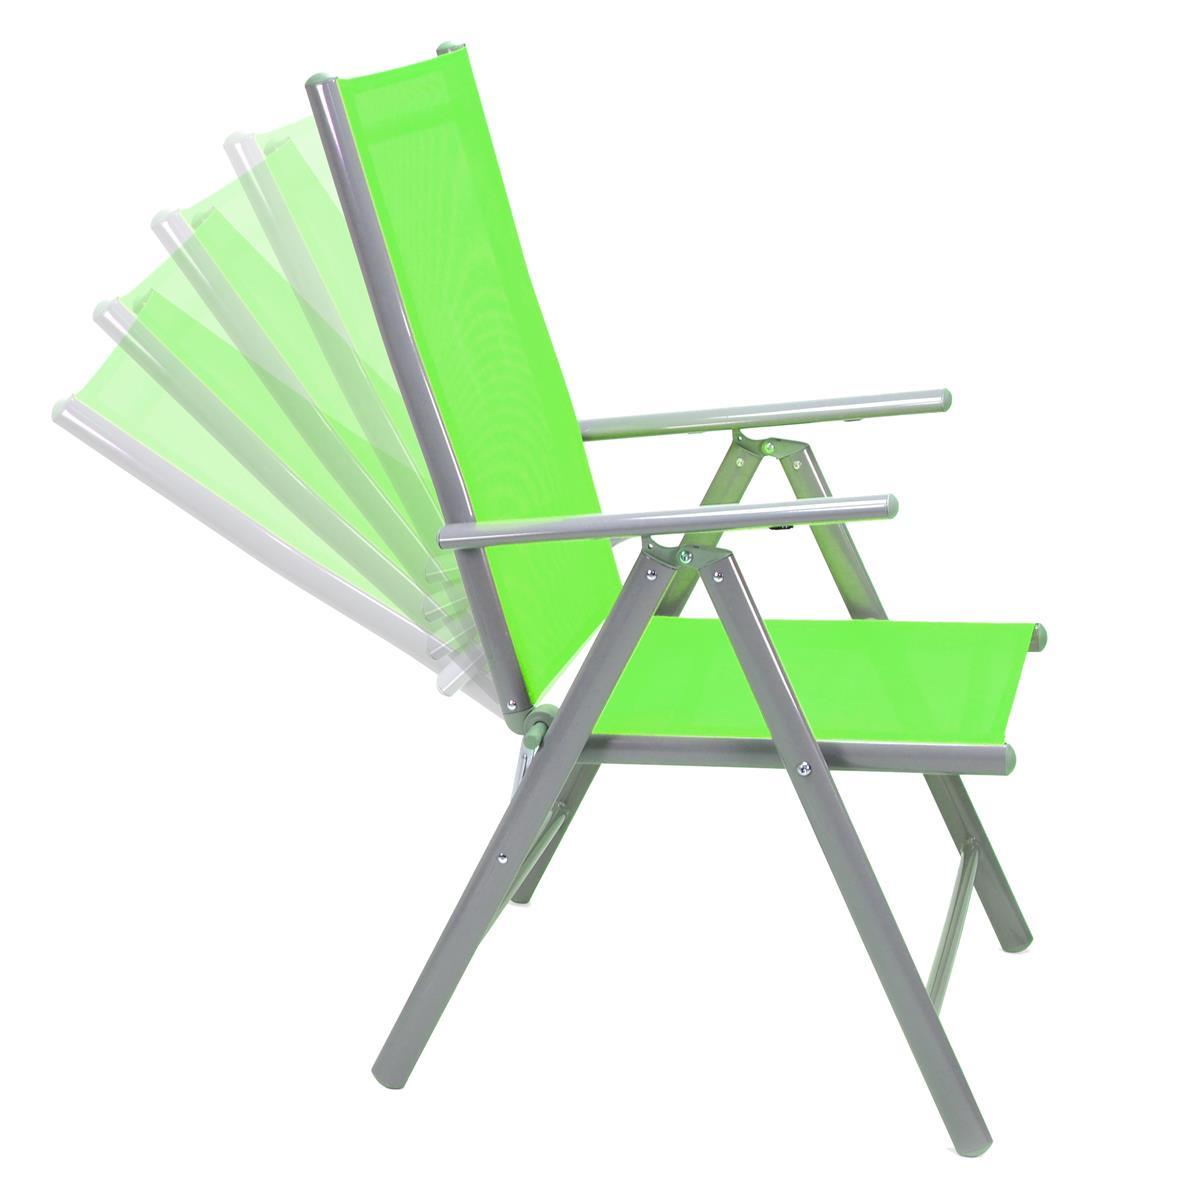 7-teiliges Gartenmöbel-Set grün Alu Gartengarnitur aus ...